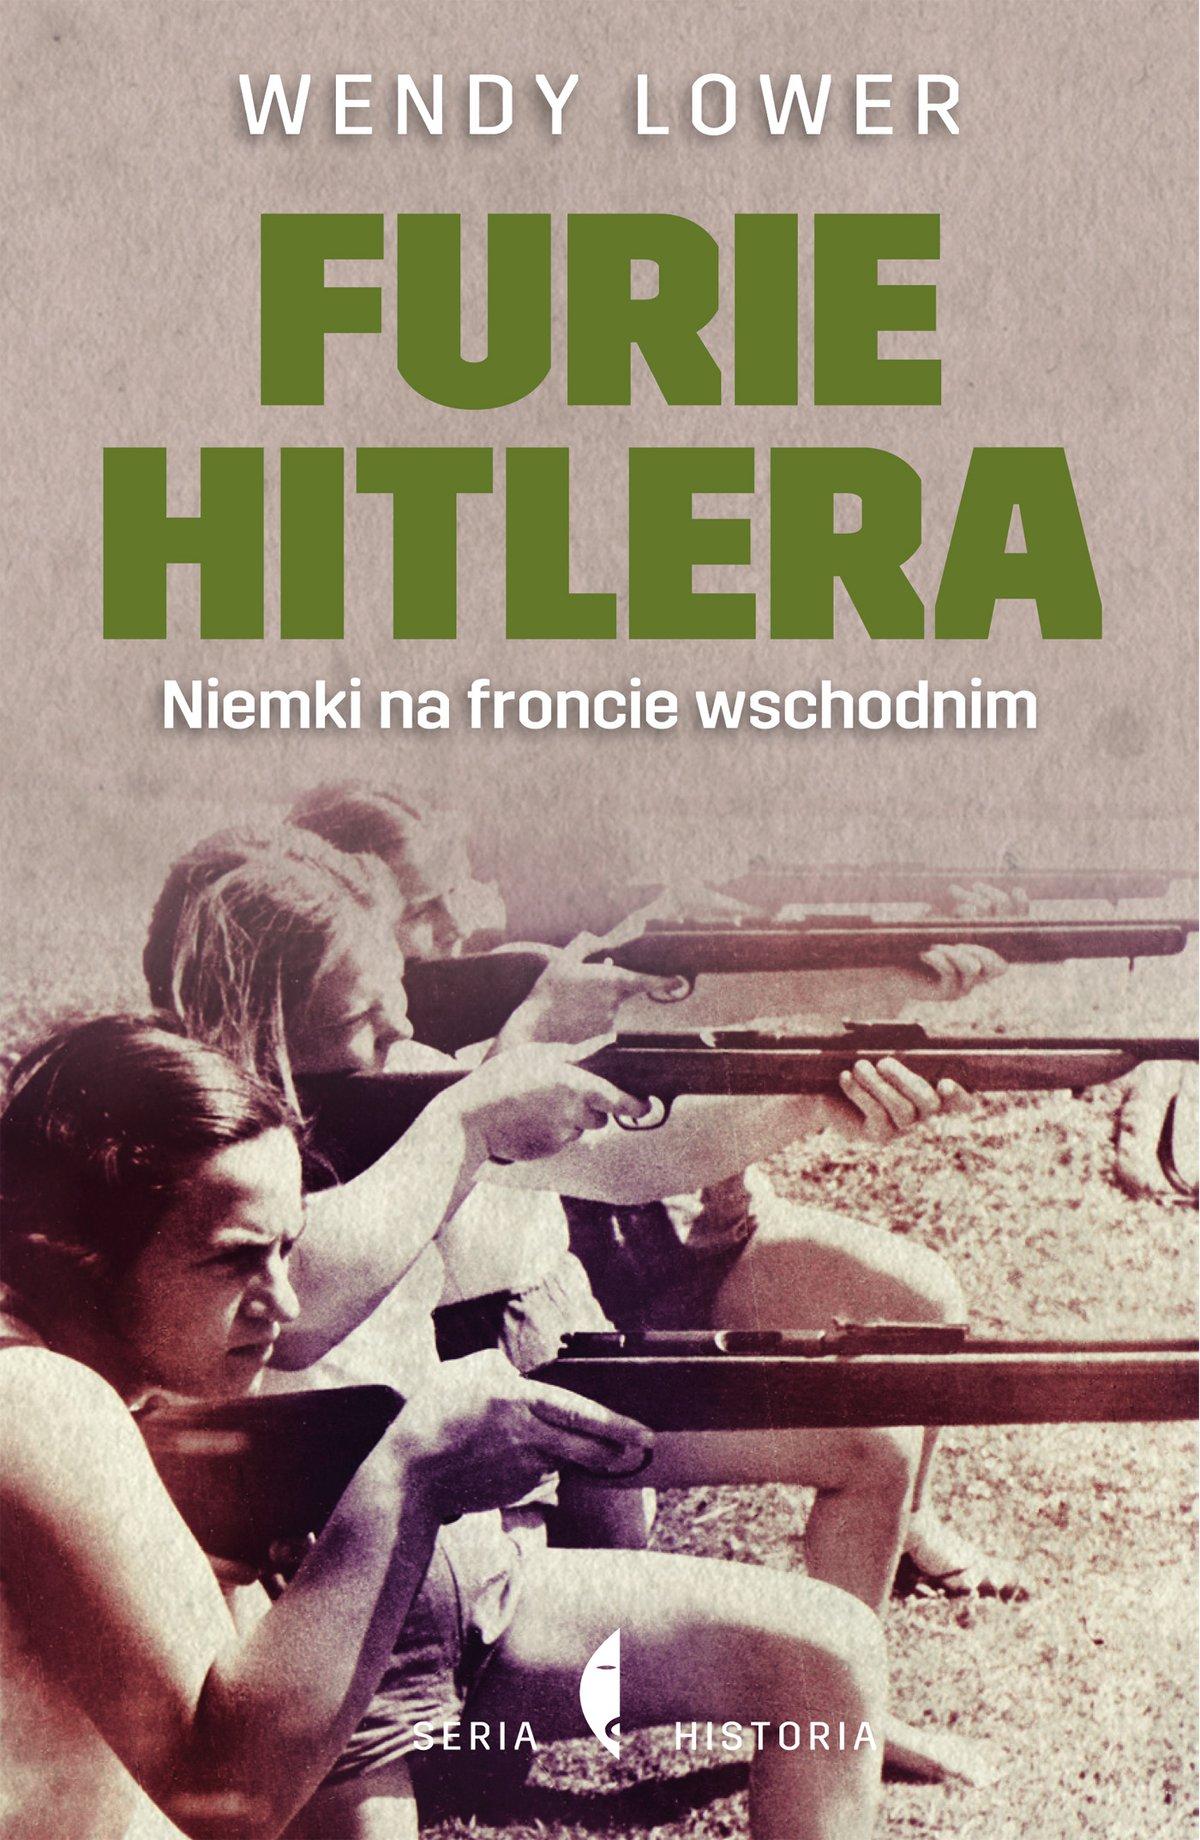 Furie Hitlera - Ebook (Książka EPUB) do pobrania w formacie EPUB